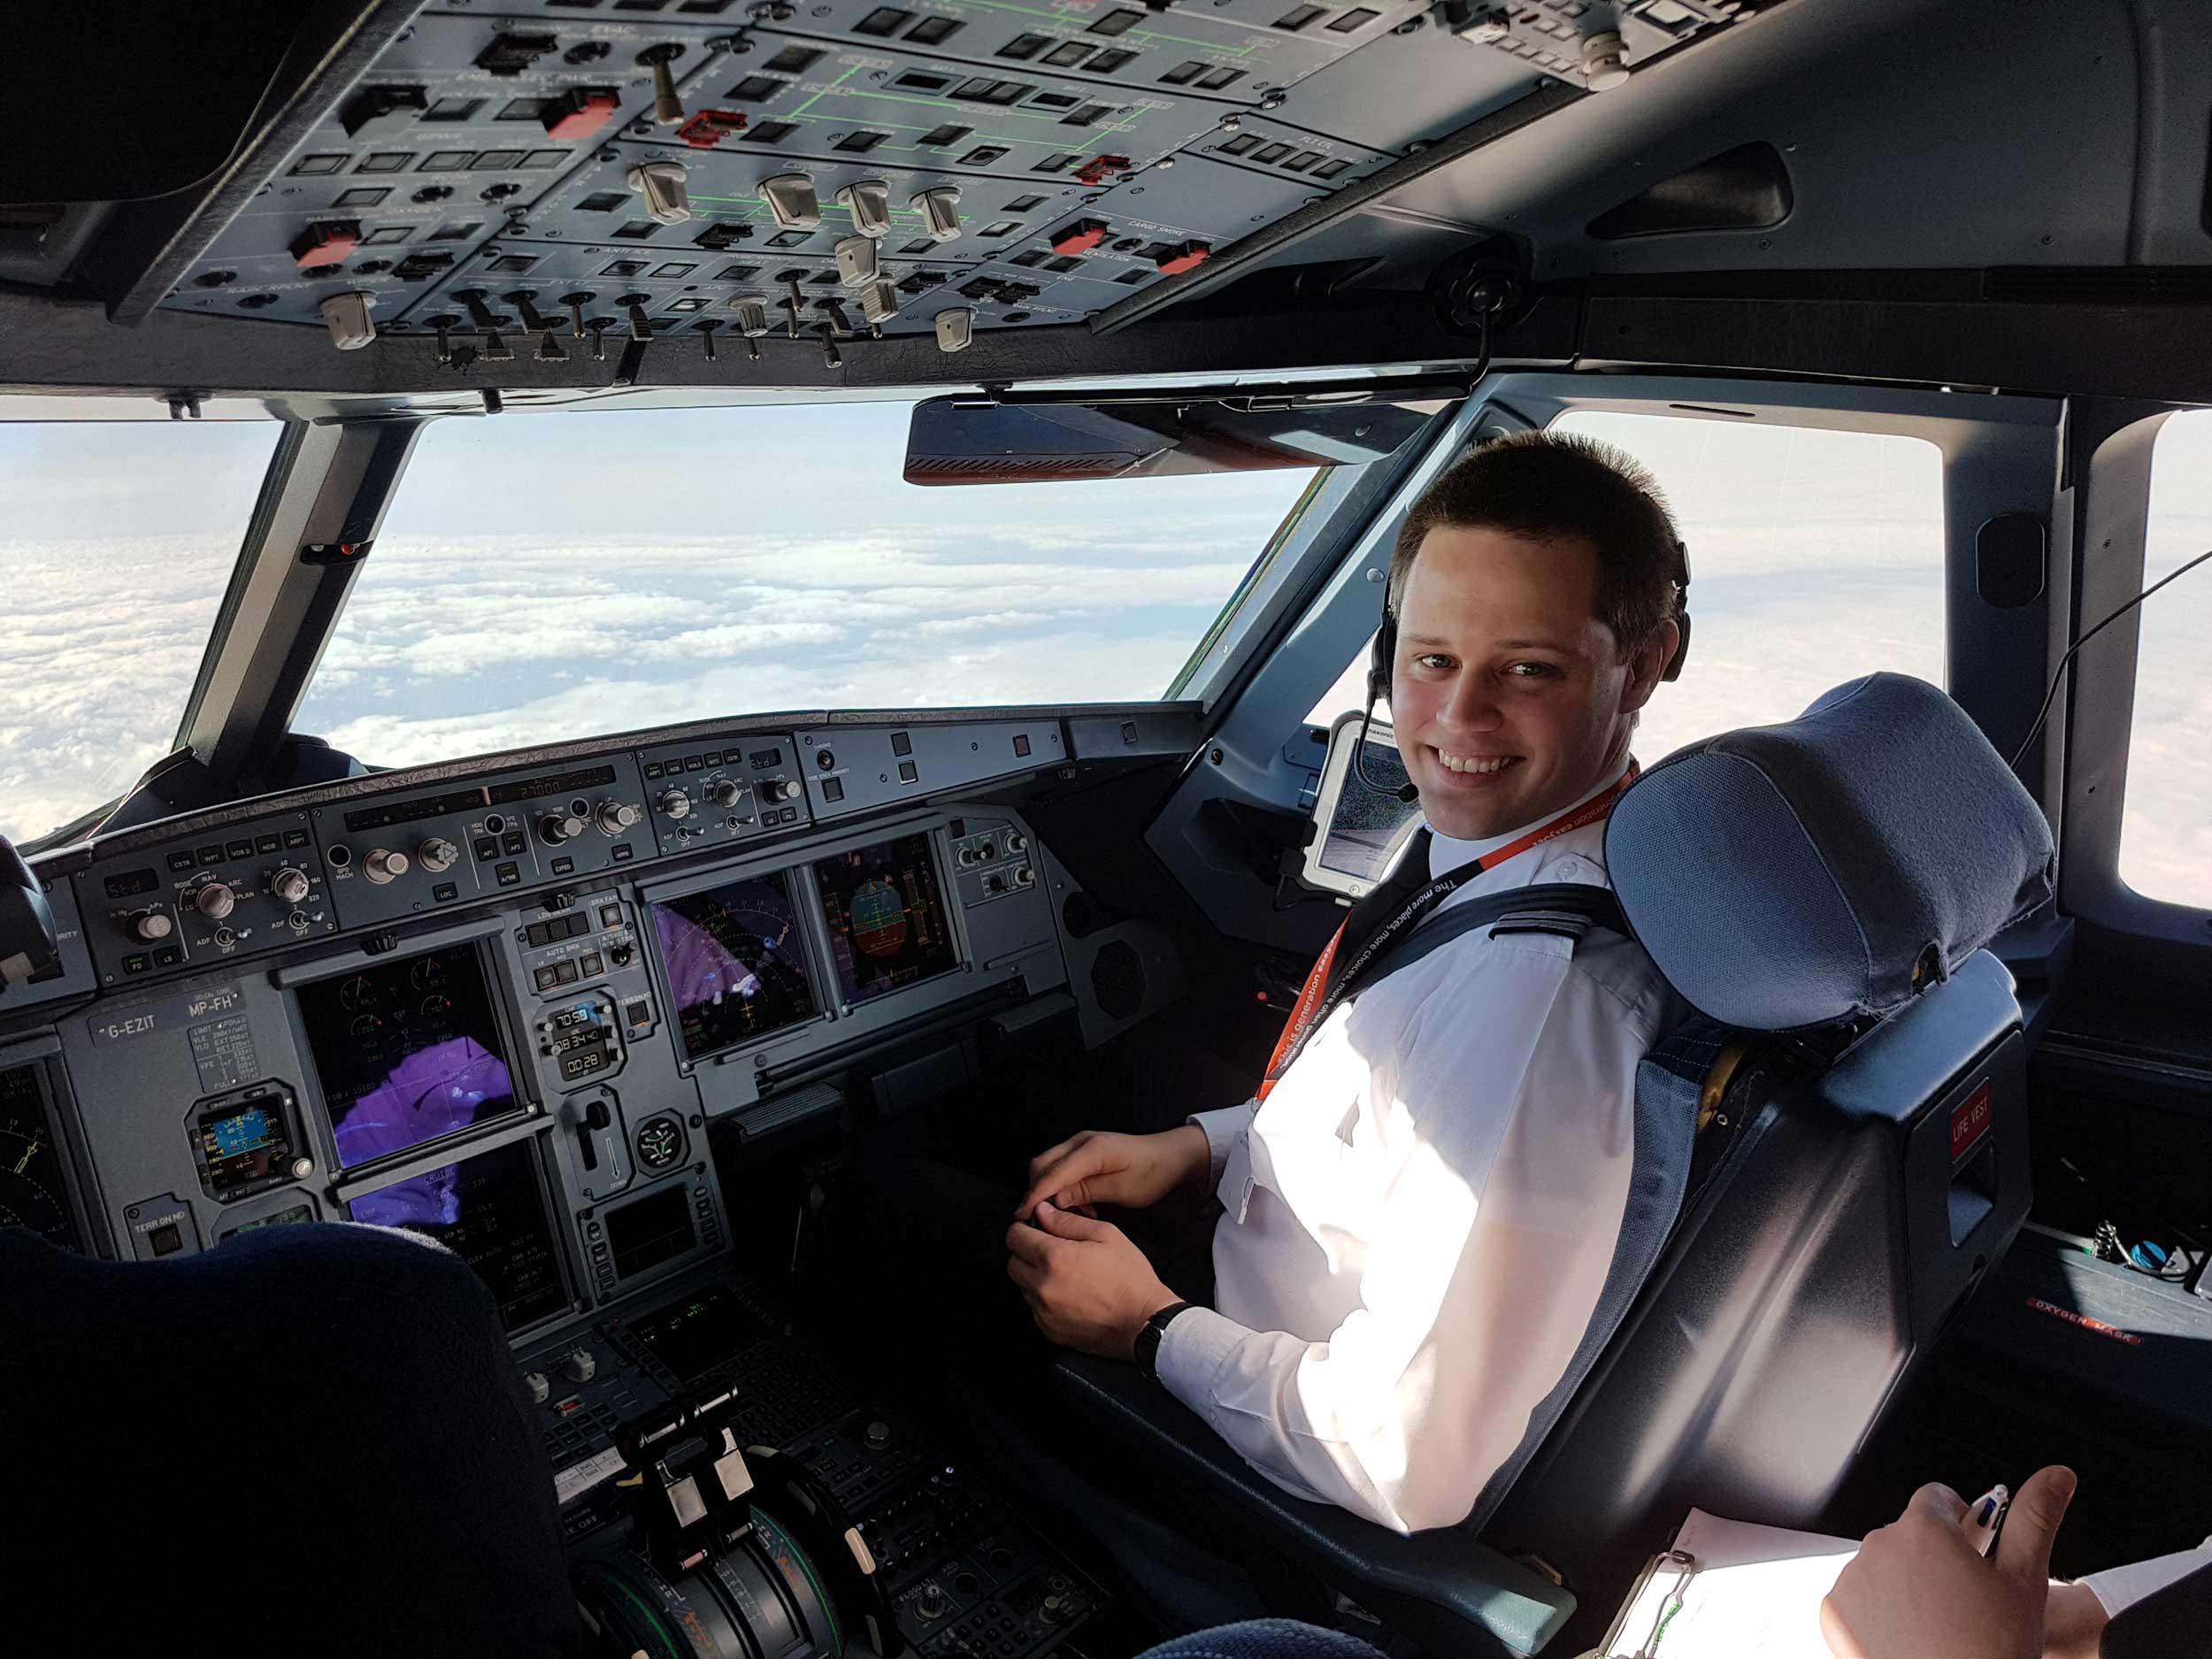 Tom Robinson easyJet pilot